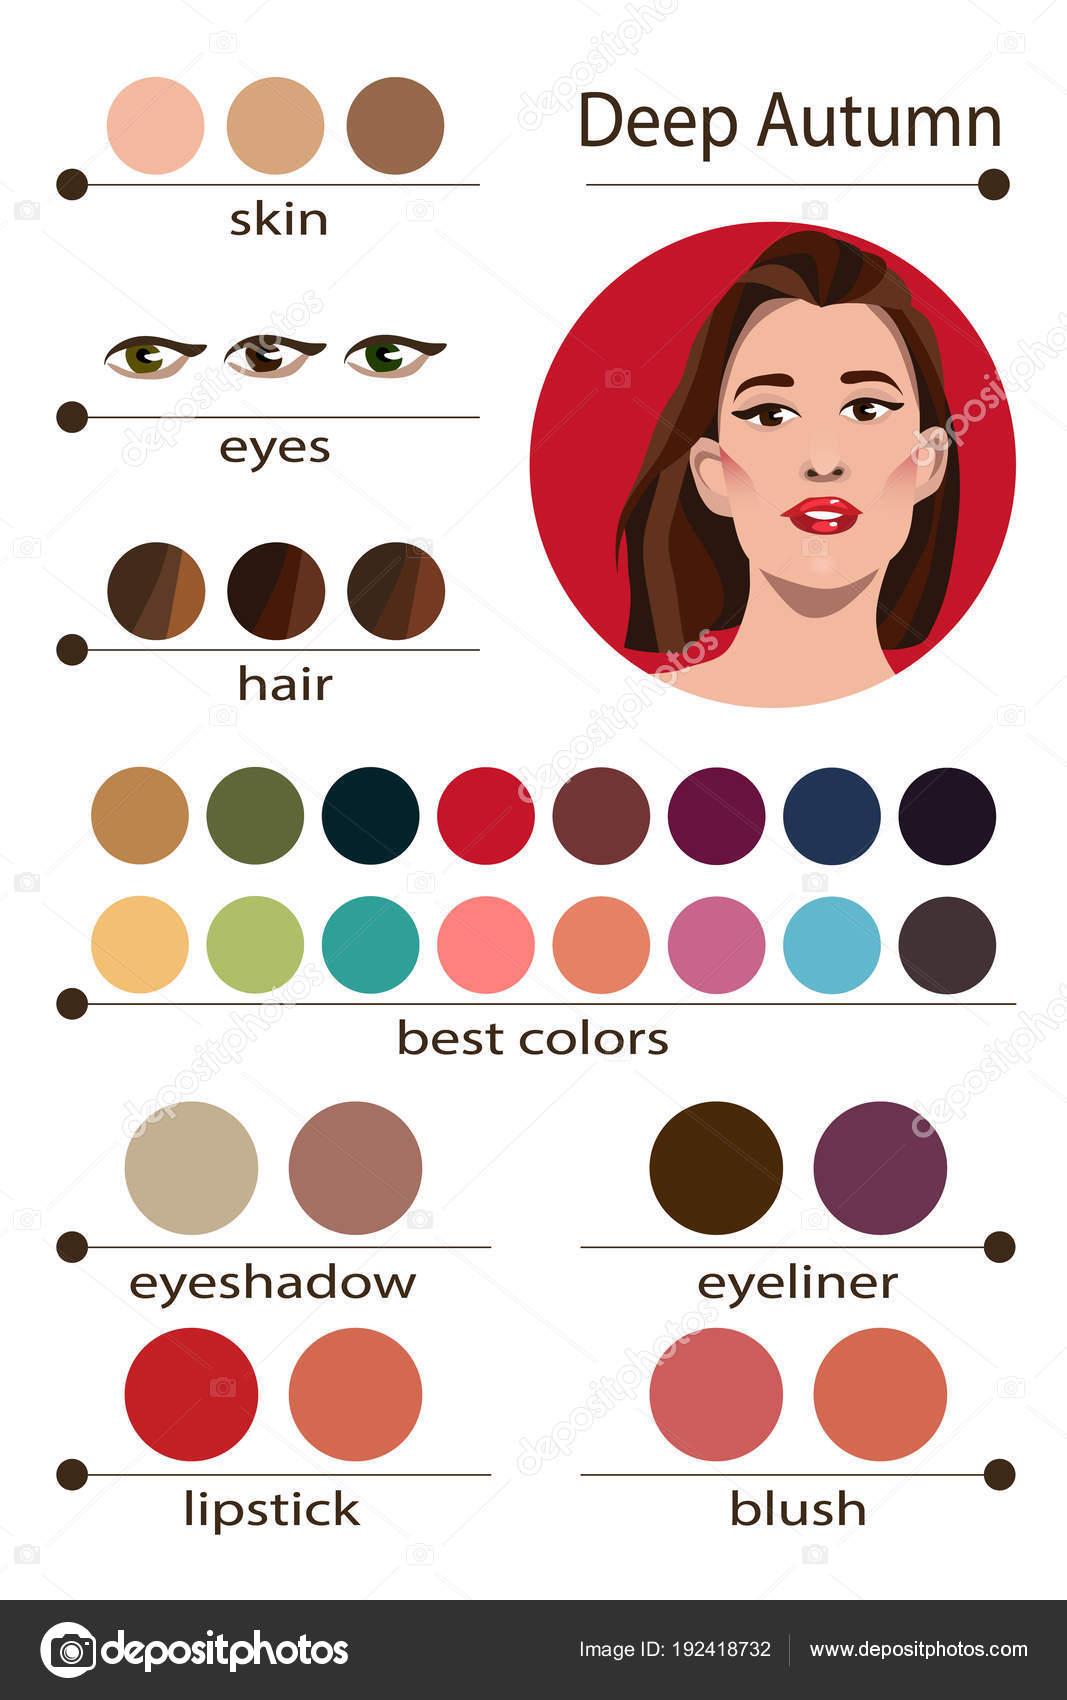 Deep Autumn Makeup – Saubhaya Makeup